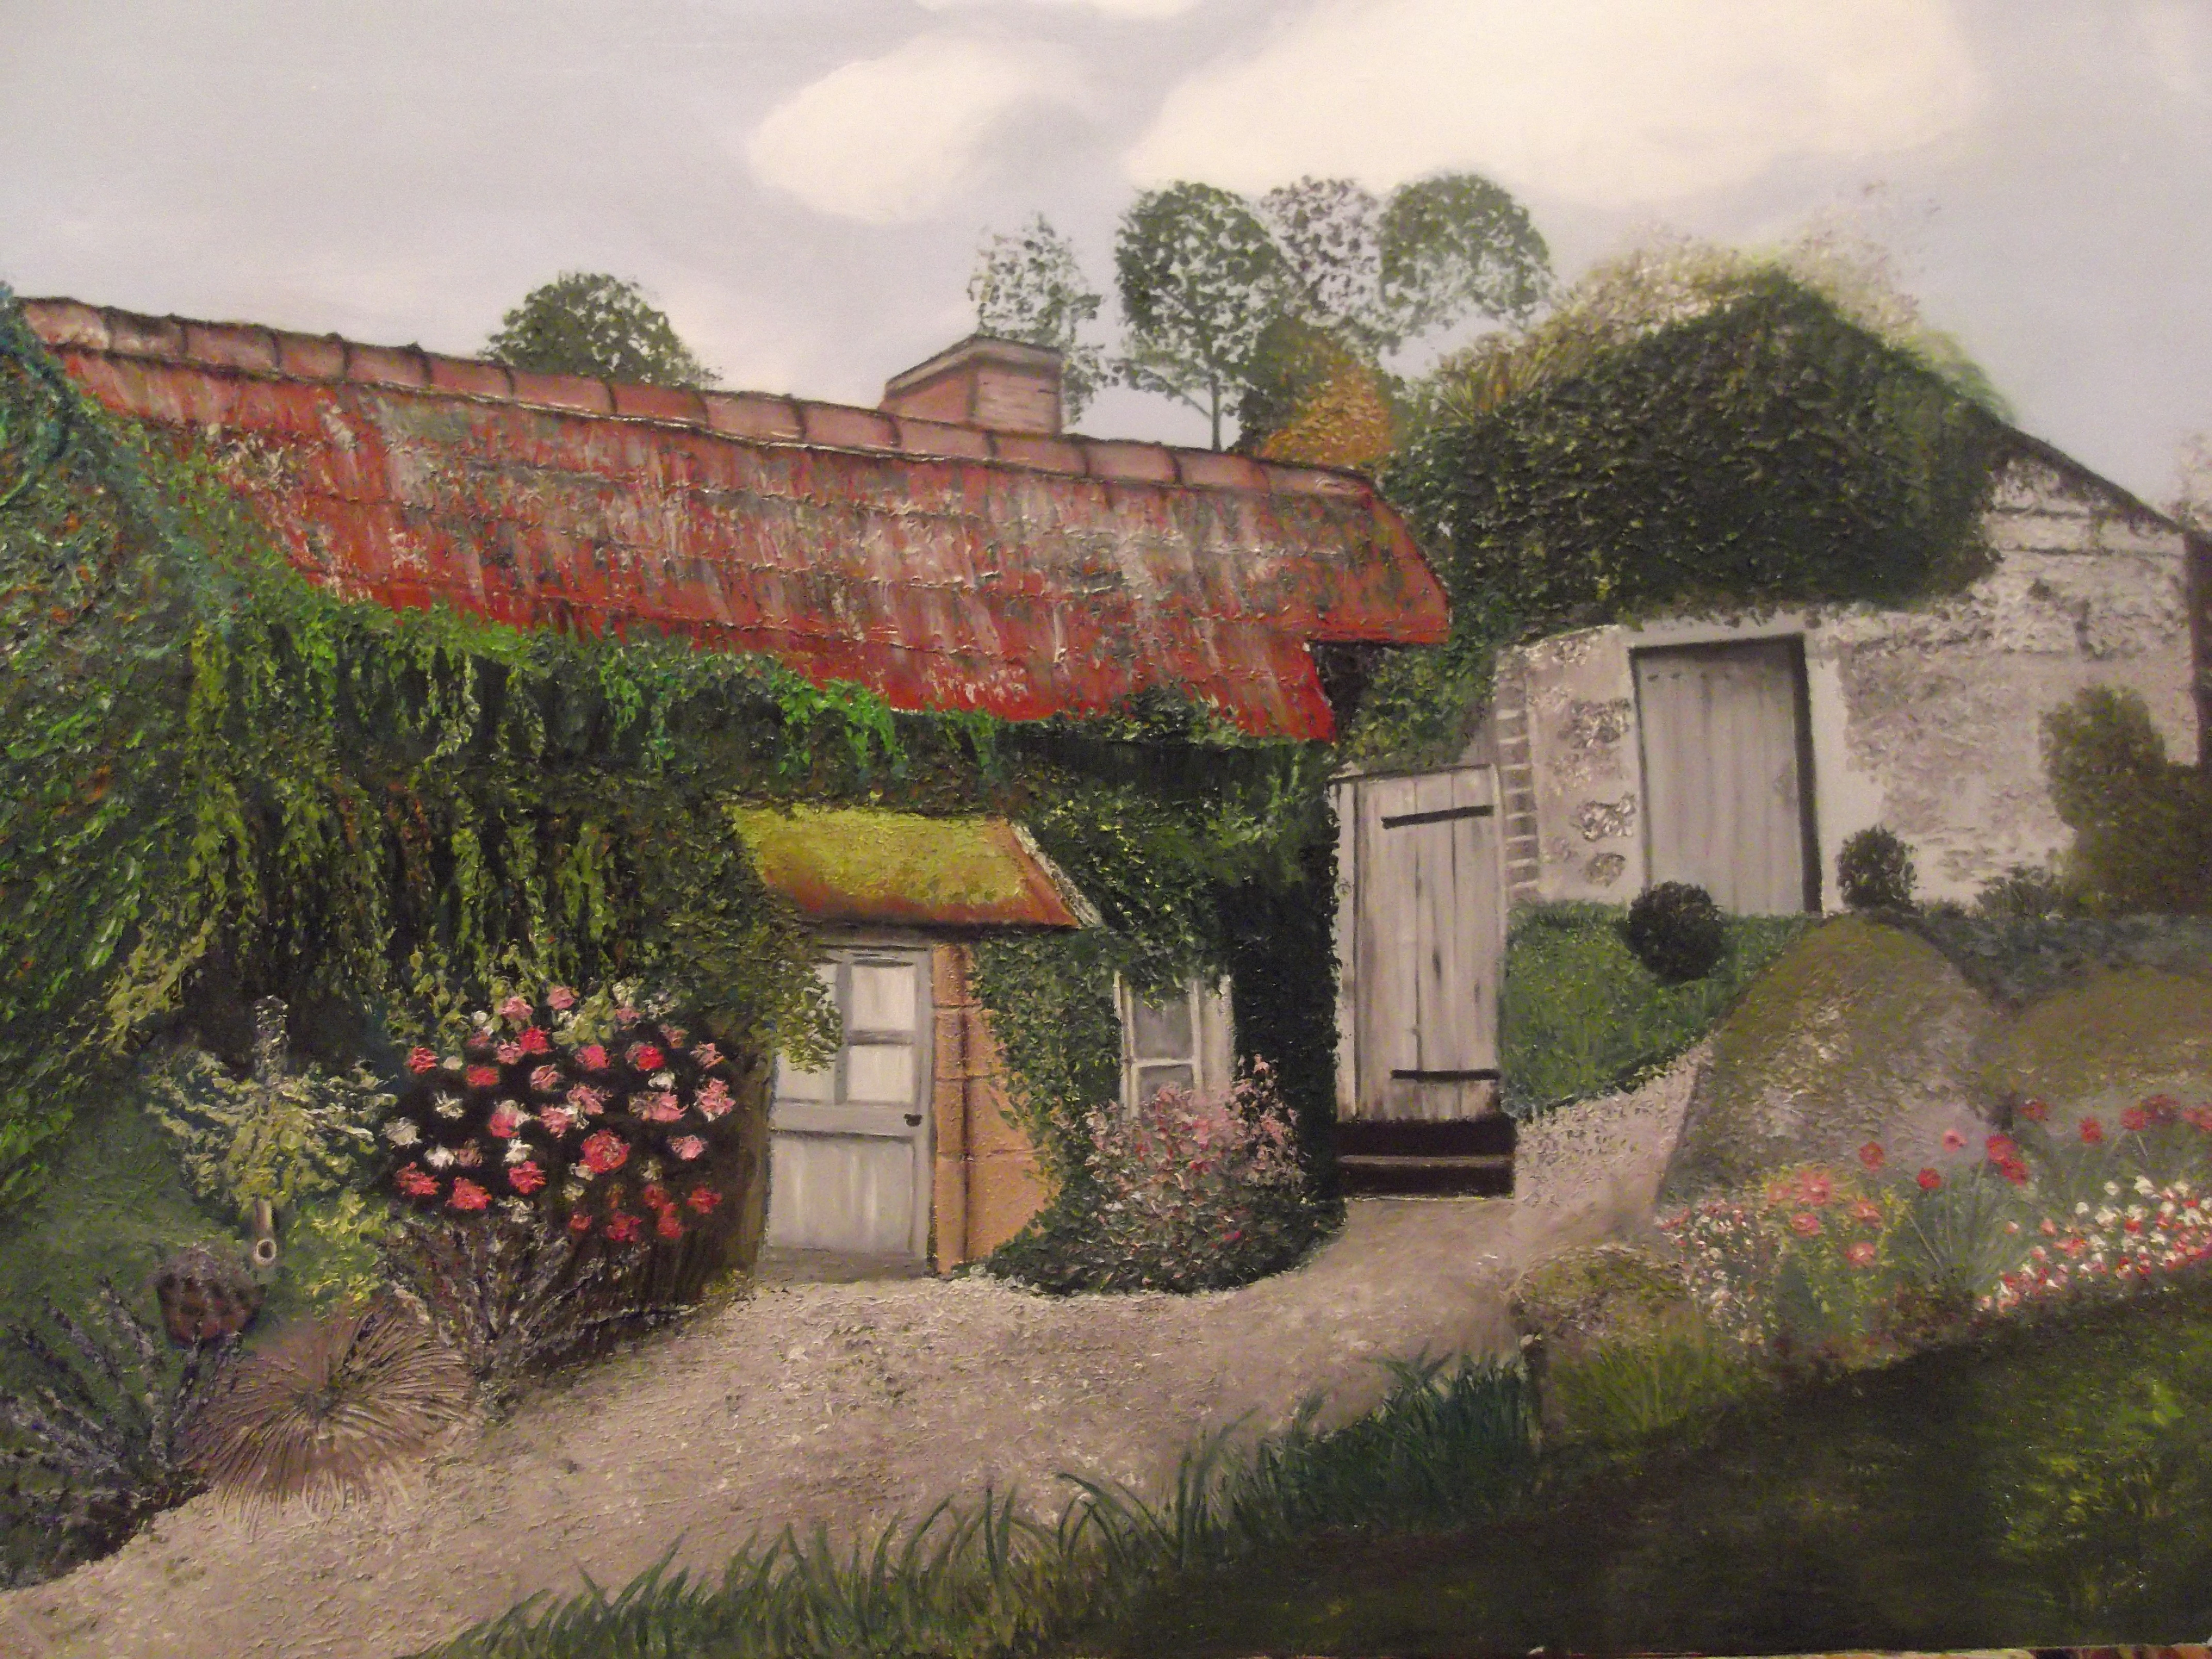 Vieille maison en pierre avec des mur fleuris et remplis de verdure